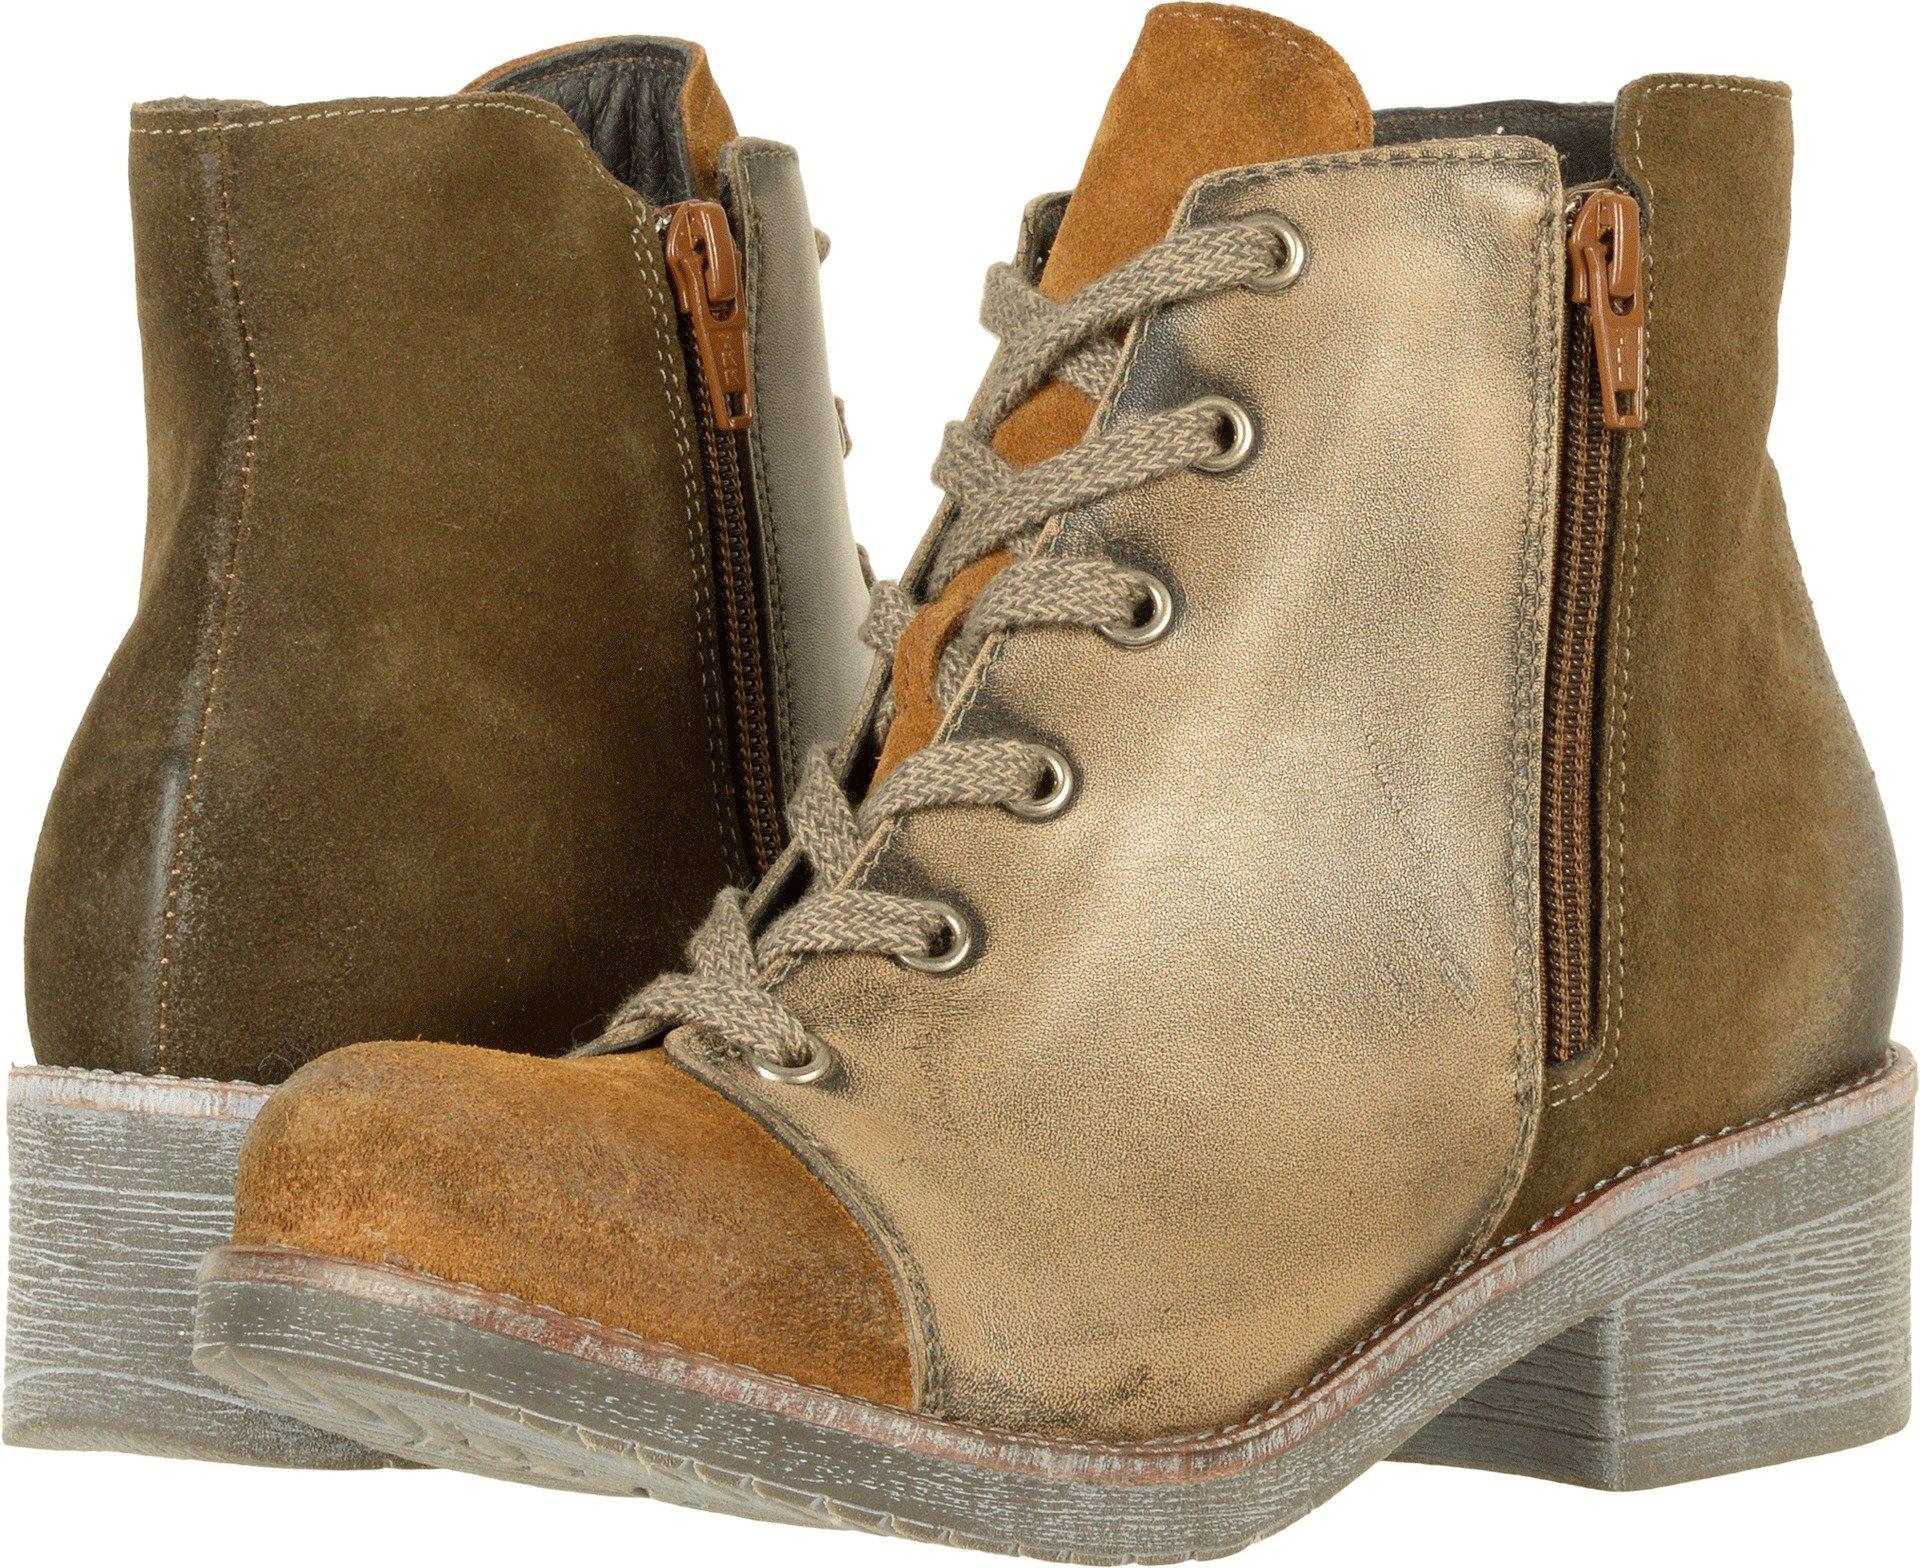 NAOT Footwear Women's Groovy Boot- Buy